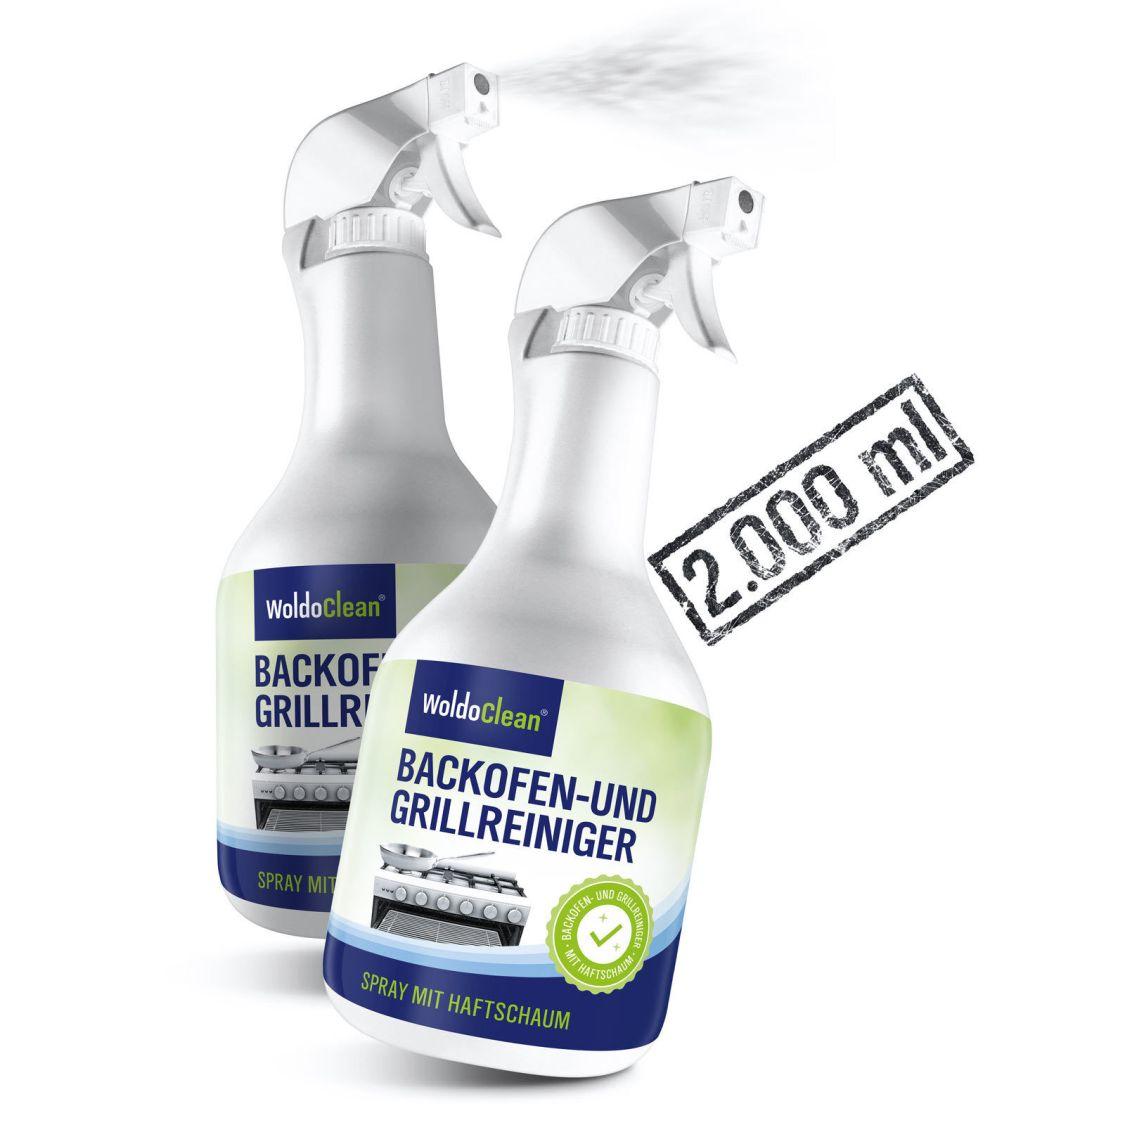 Backofenreiniger & Grillreiniger Ofenreiniger Fettlöser Reiniger 2x 1.000ml